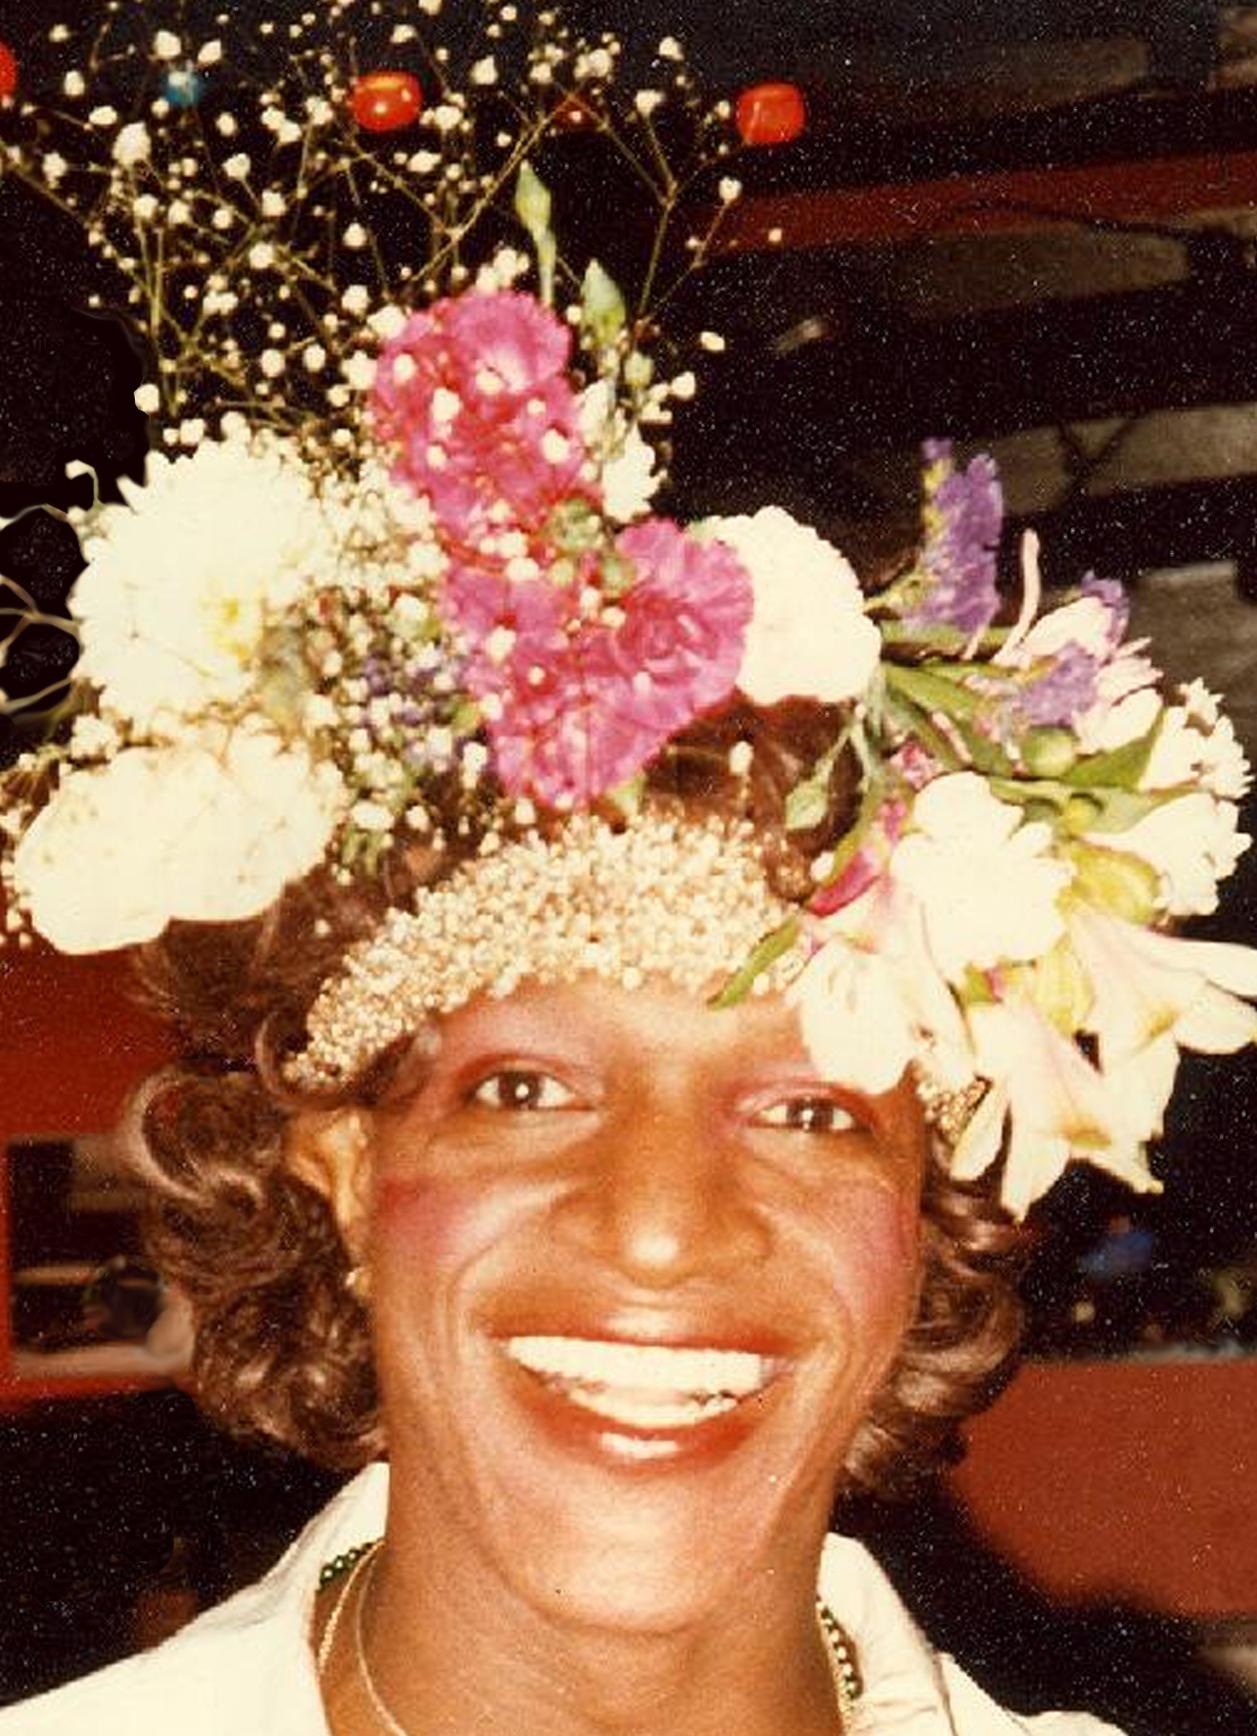 Google: Doodle για την Μάρσα Τζόνσον - Ακτιβίστρια της ΛΟΑΤΚΙ κοινότητας